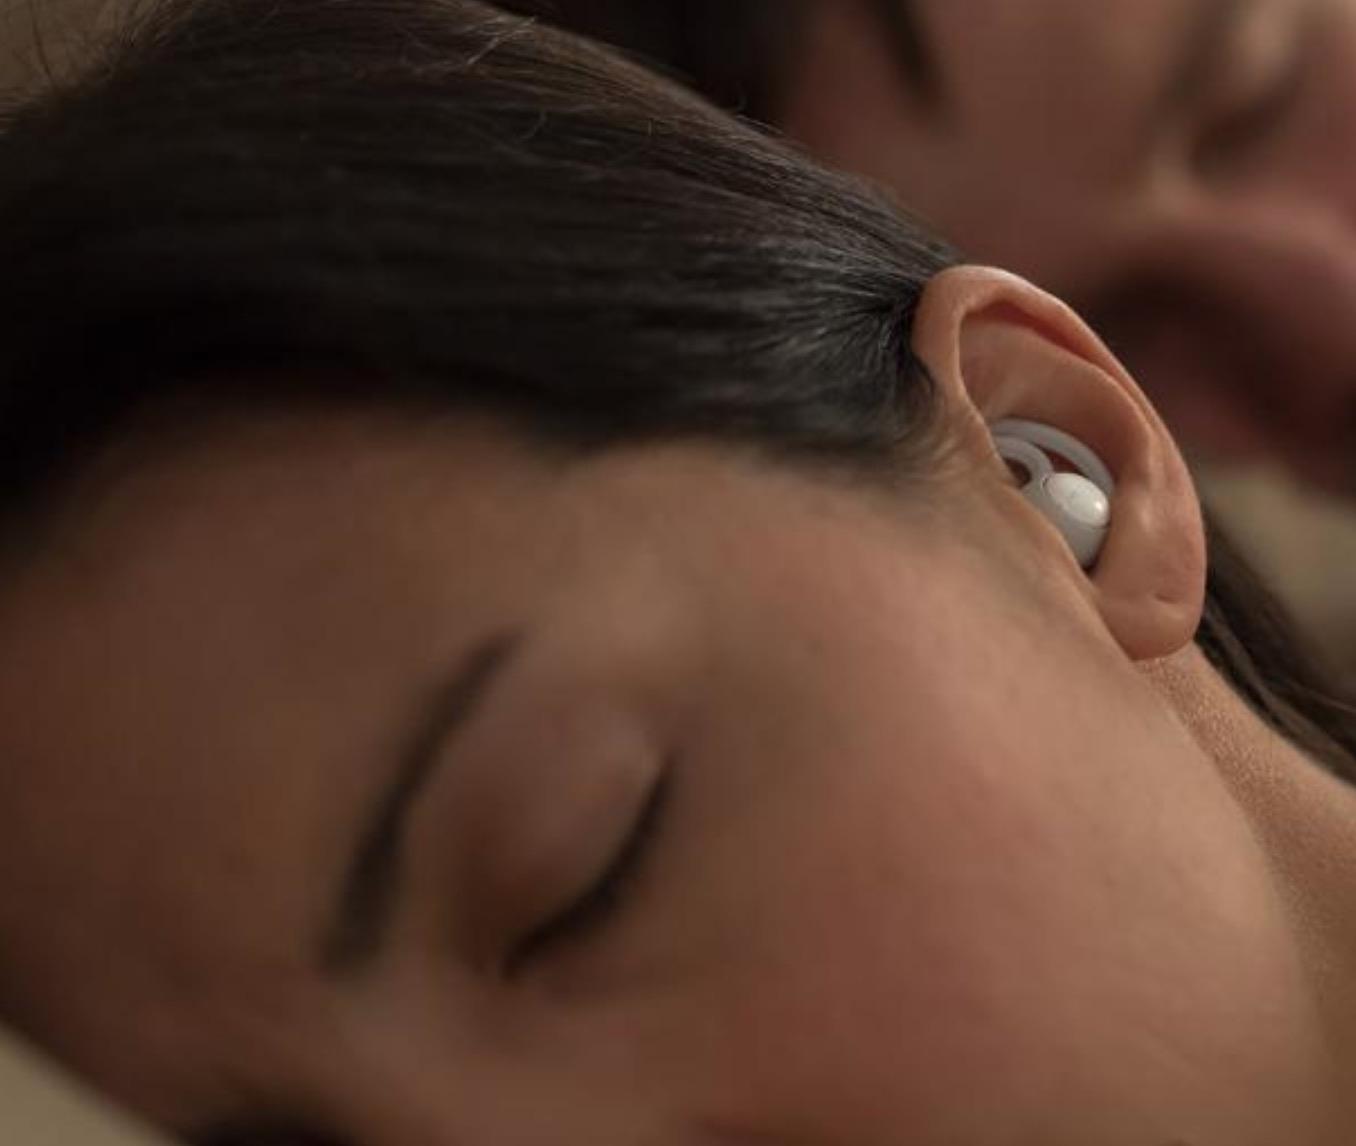 Conoce los audífonos Bose para bloquear ronquidos